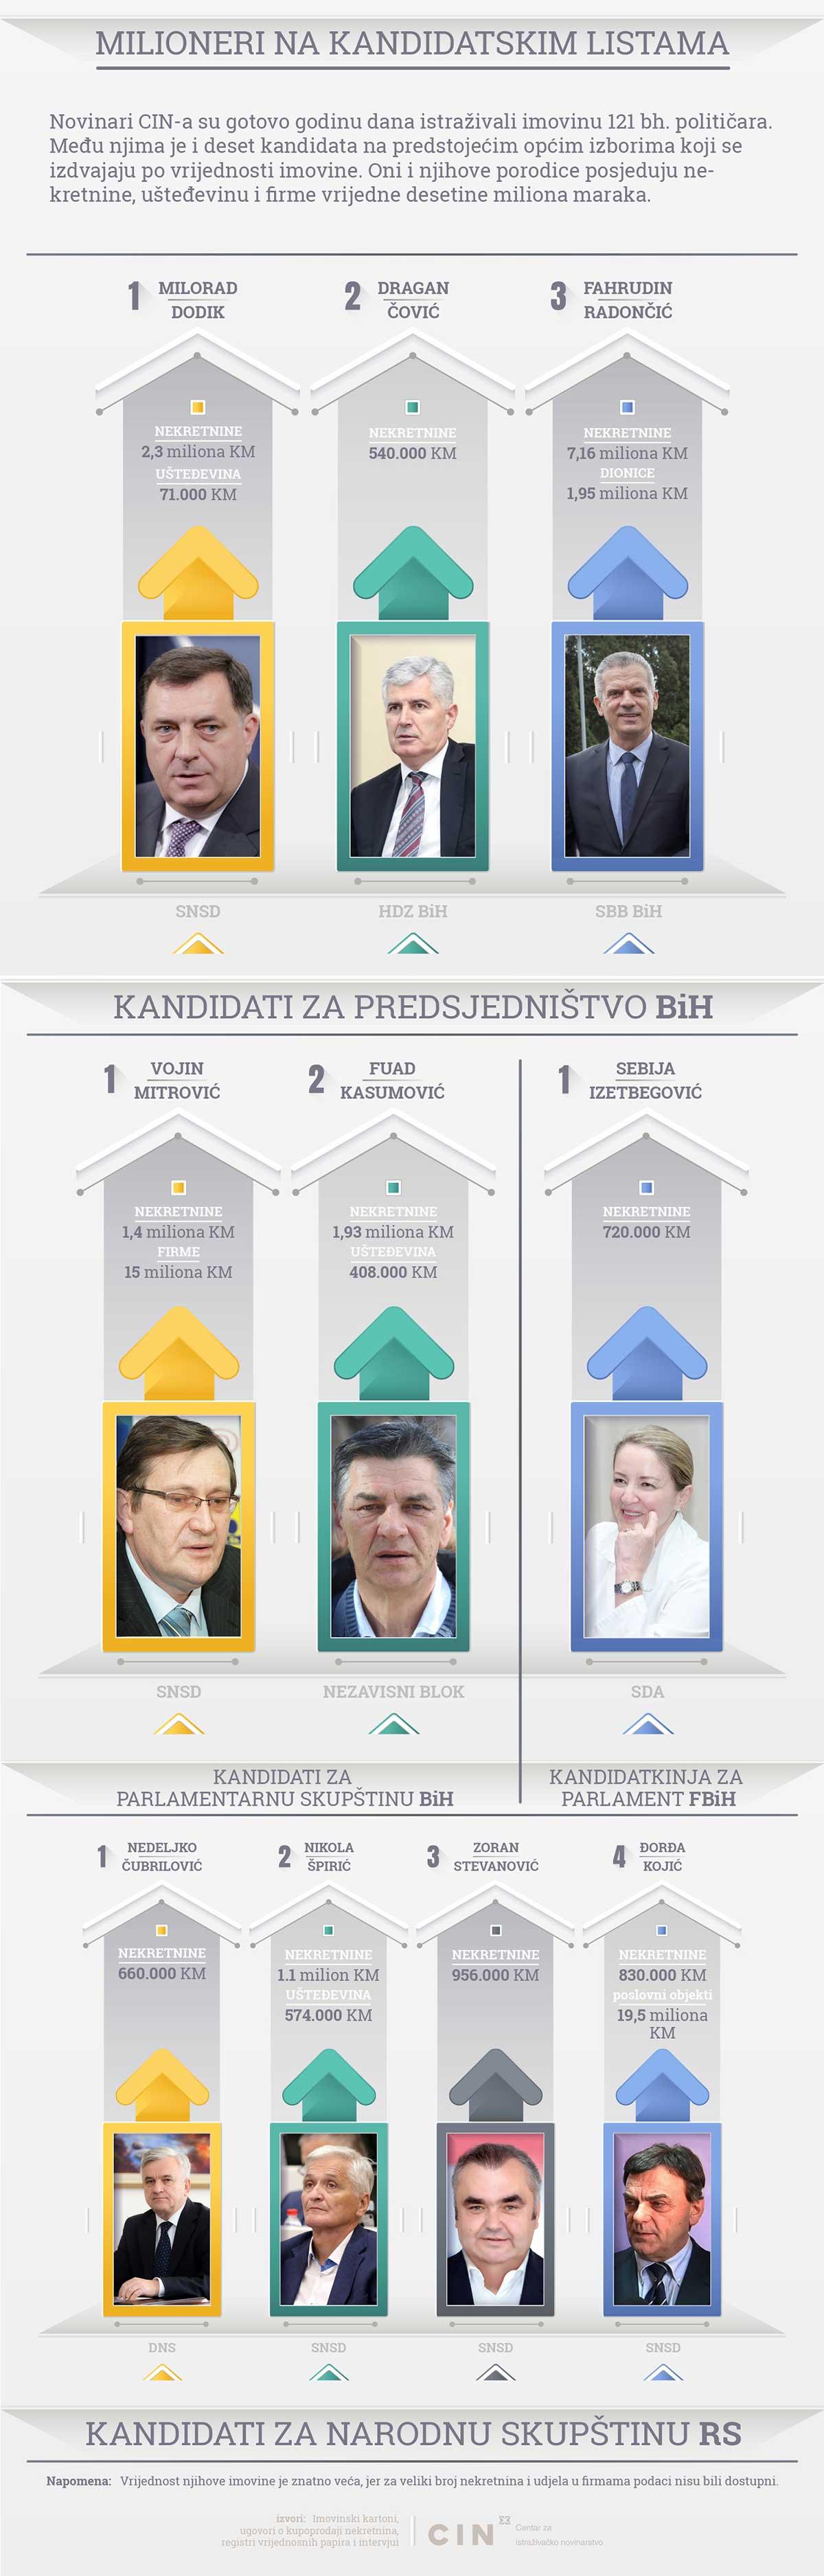 Infografika imovina politicara